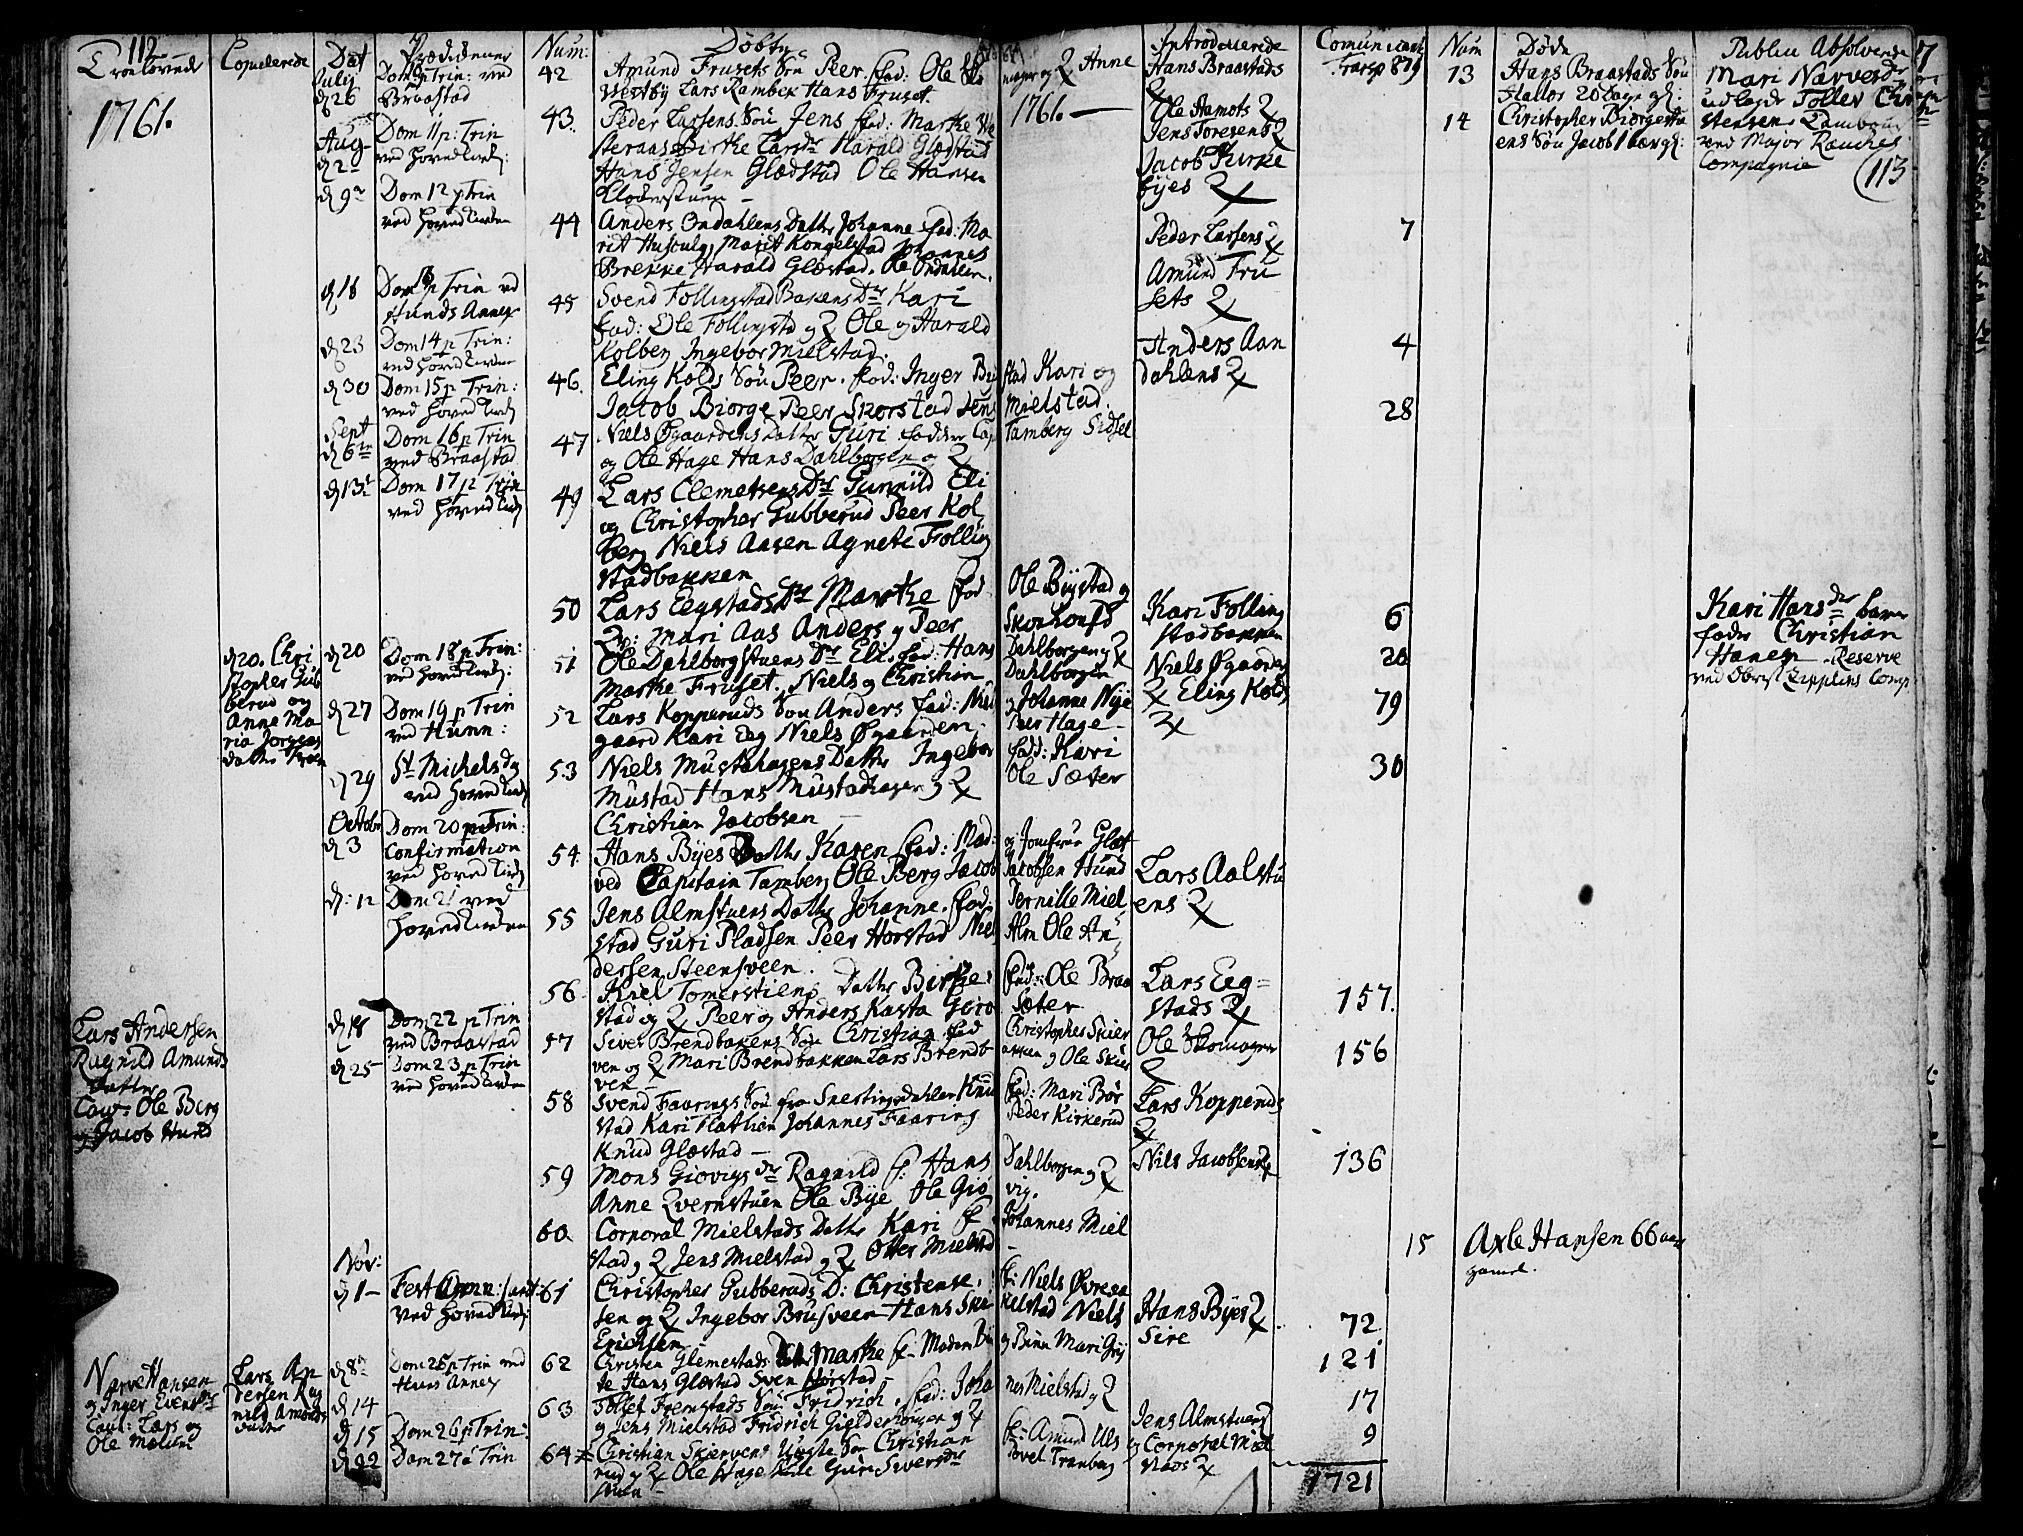 SAH, Vardal prestekontor, H/Ha/Haa/L0002: Parish register (official) no. 2, 1748-1776, p. 112-113